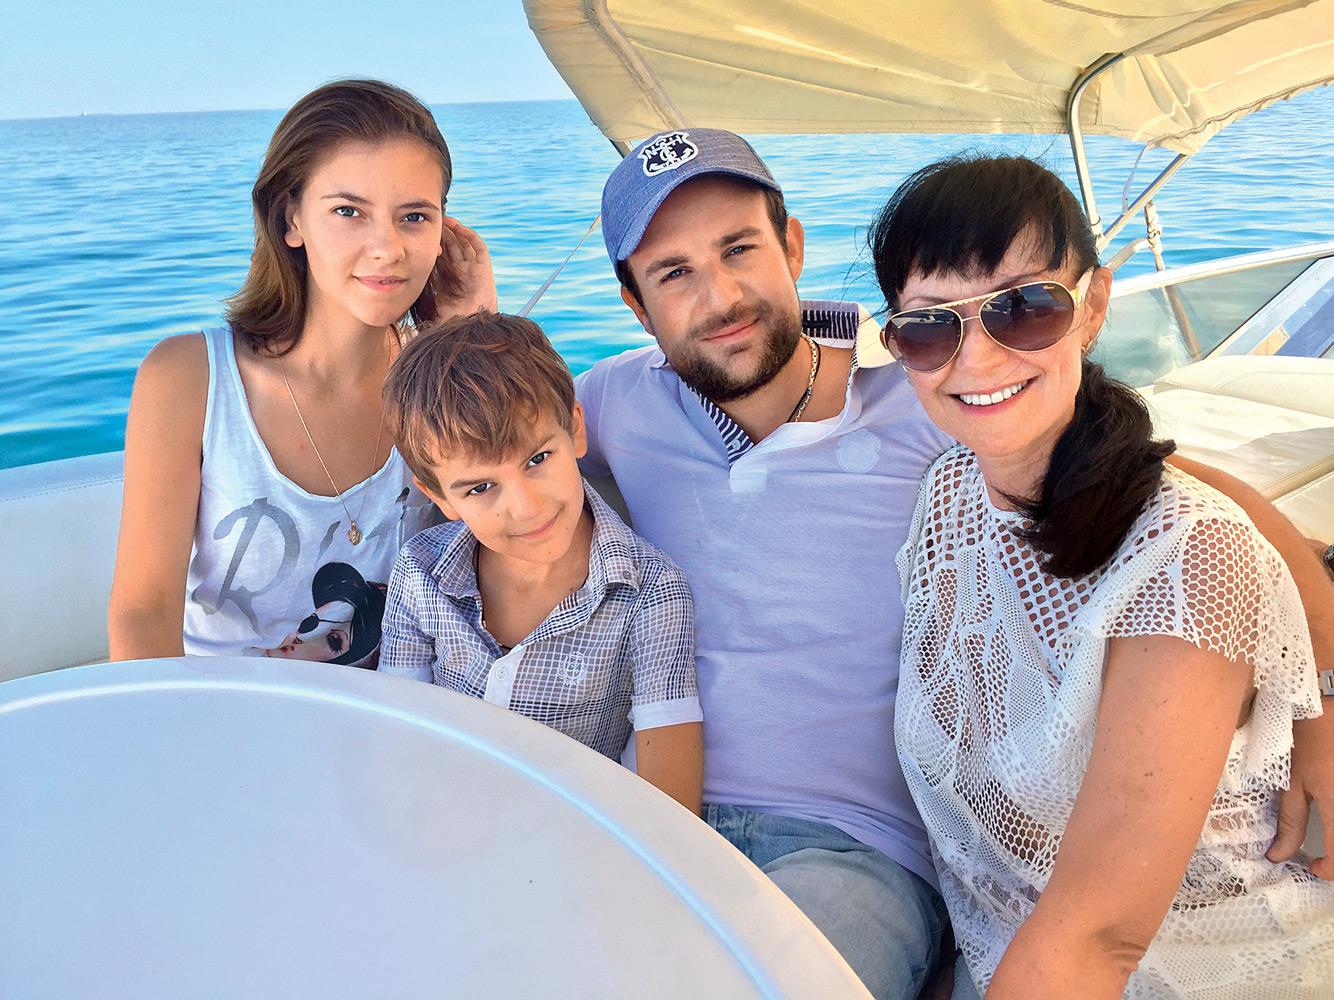 Где проводят отпуск звездные семьи российского шоу-бизнеса?